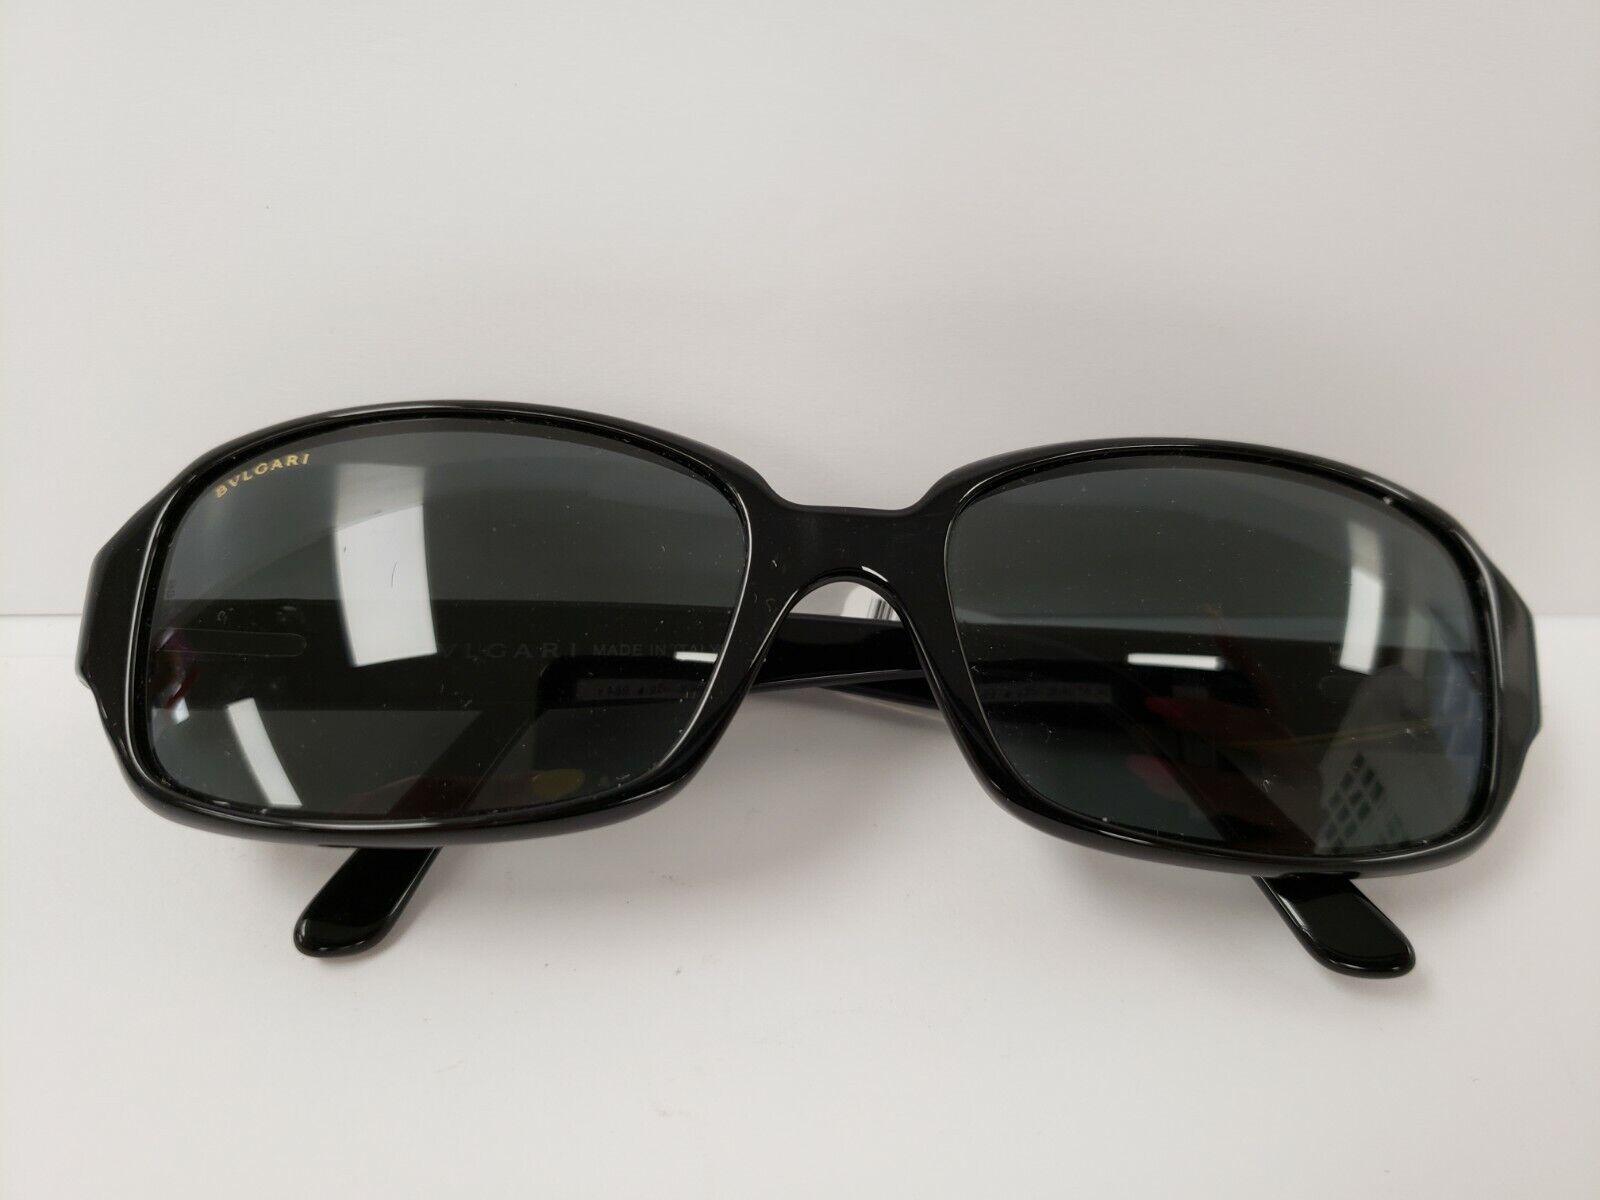 (I-17571) Bvlgari Sunglasses- Black